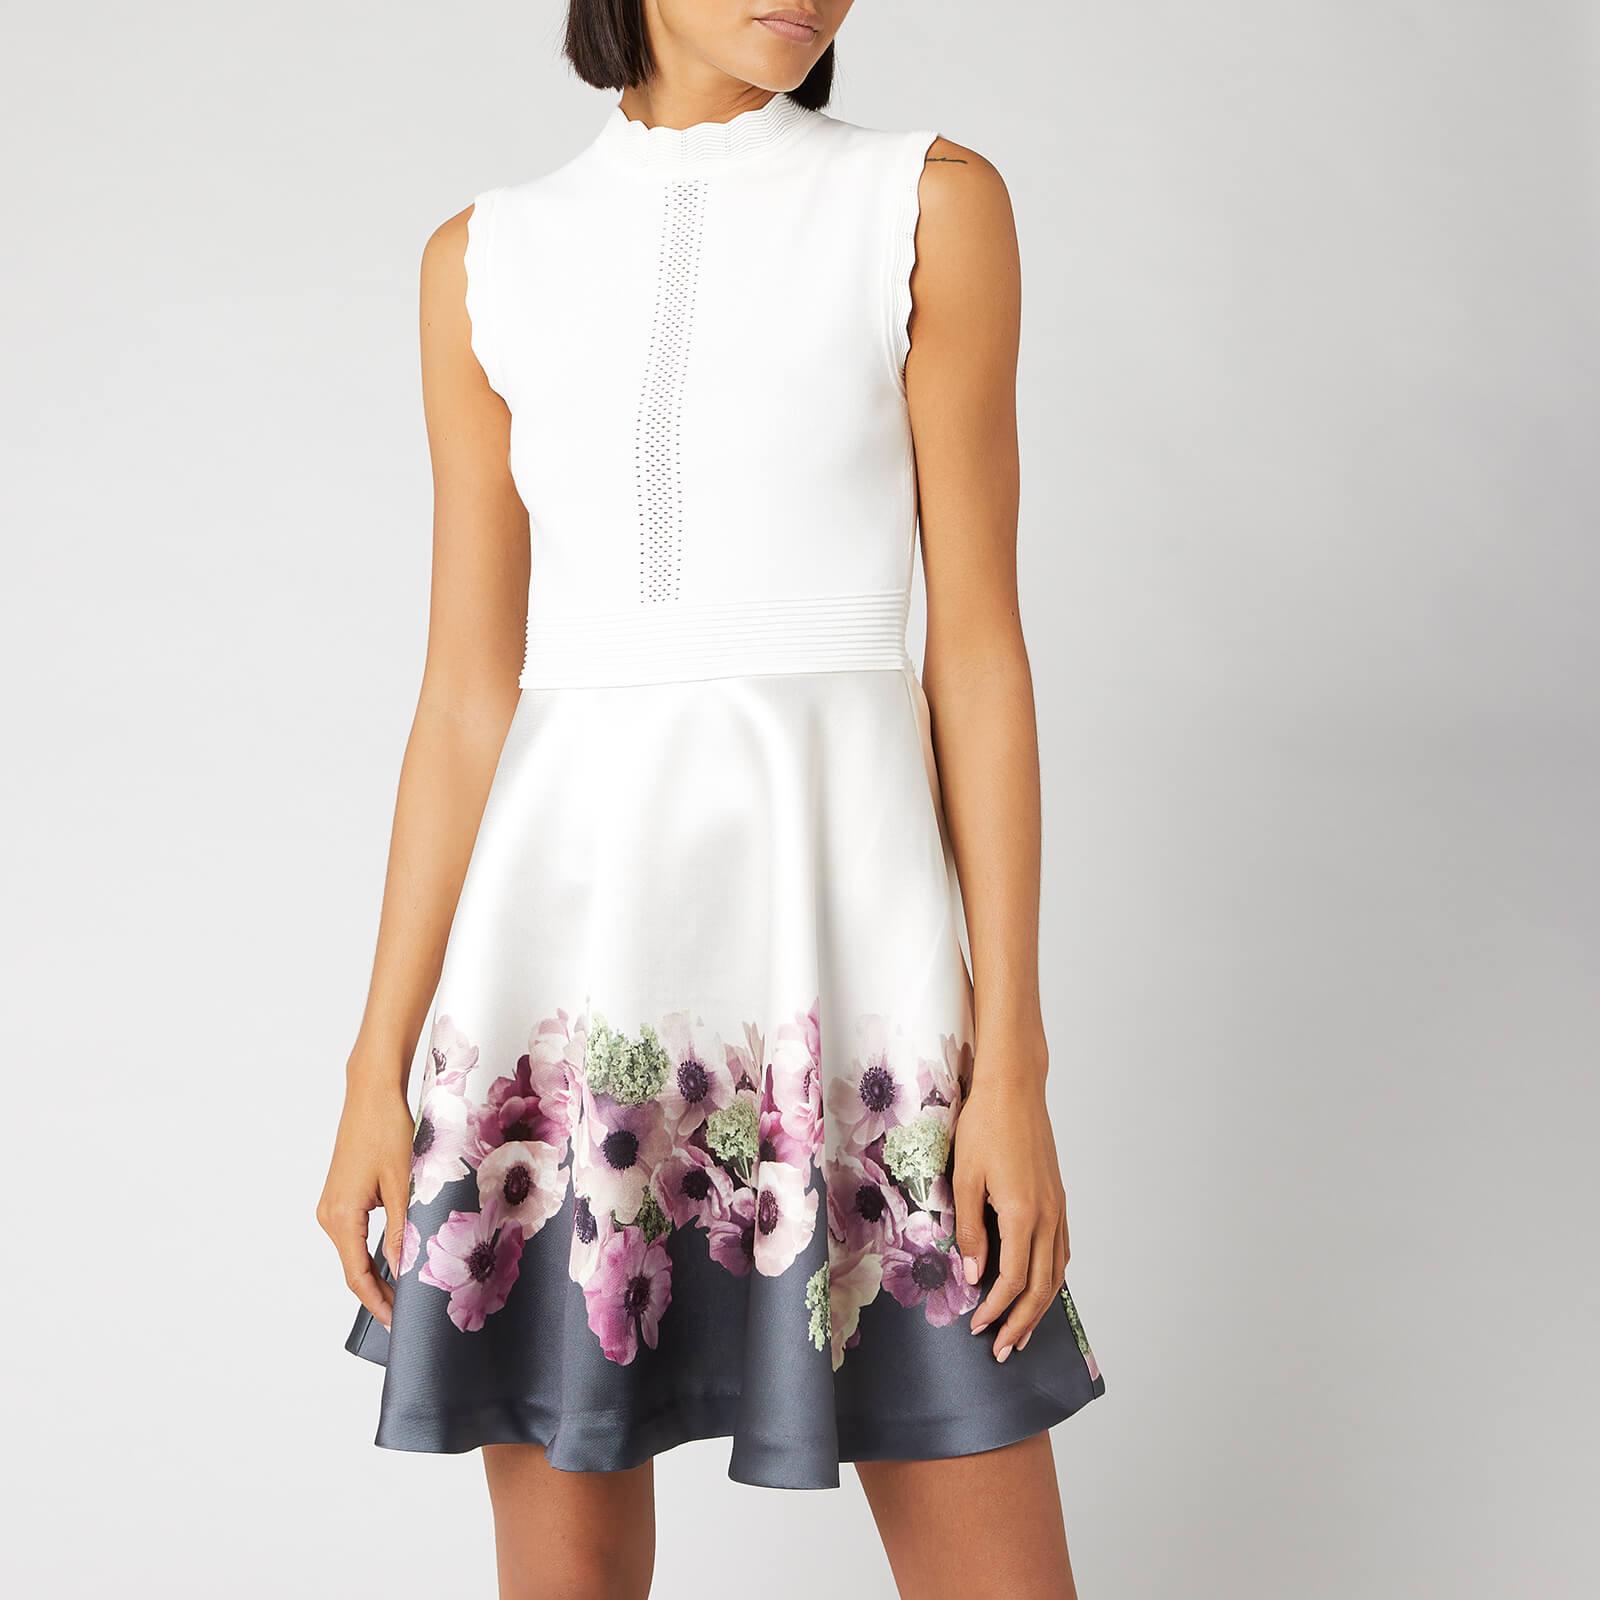 Ted Baker Women's Janyis Neopolitan Skater Dress - Ivory - 4/UK 14 - Cream